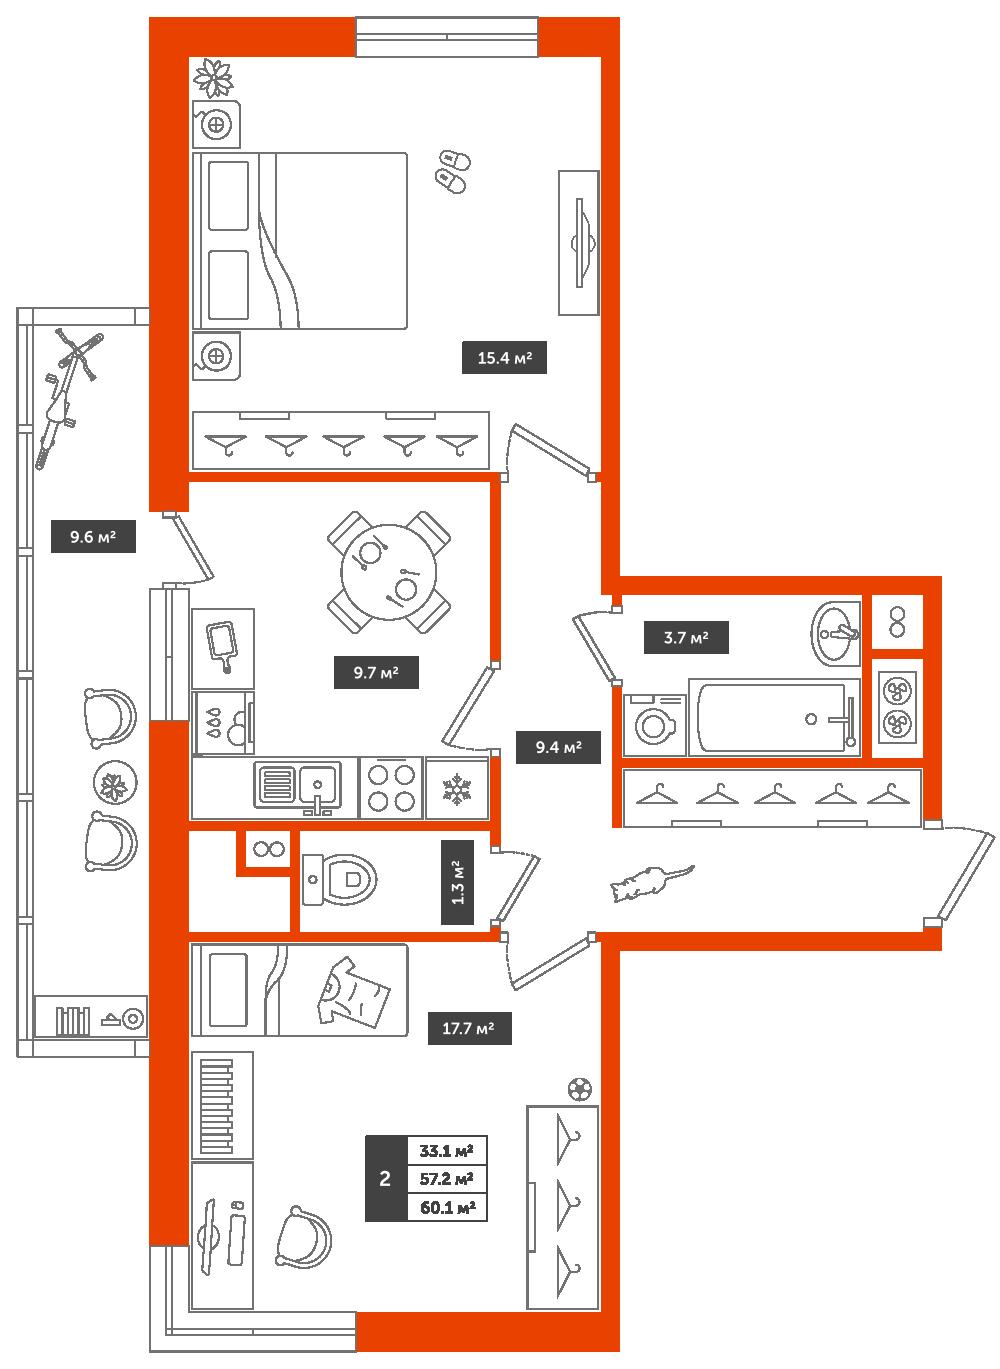 2-комнатная квартира, 60.1м² за 6,5 млн руб.